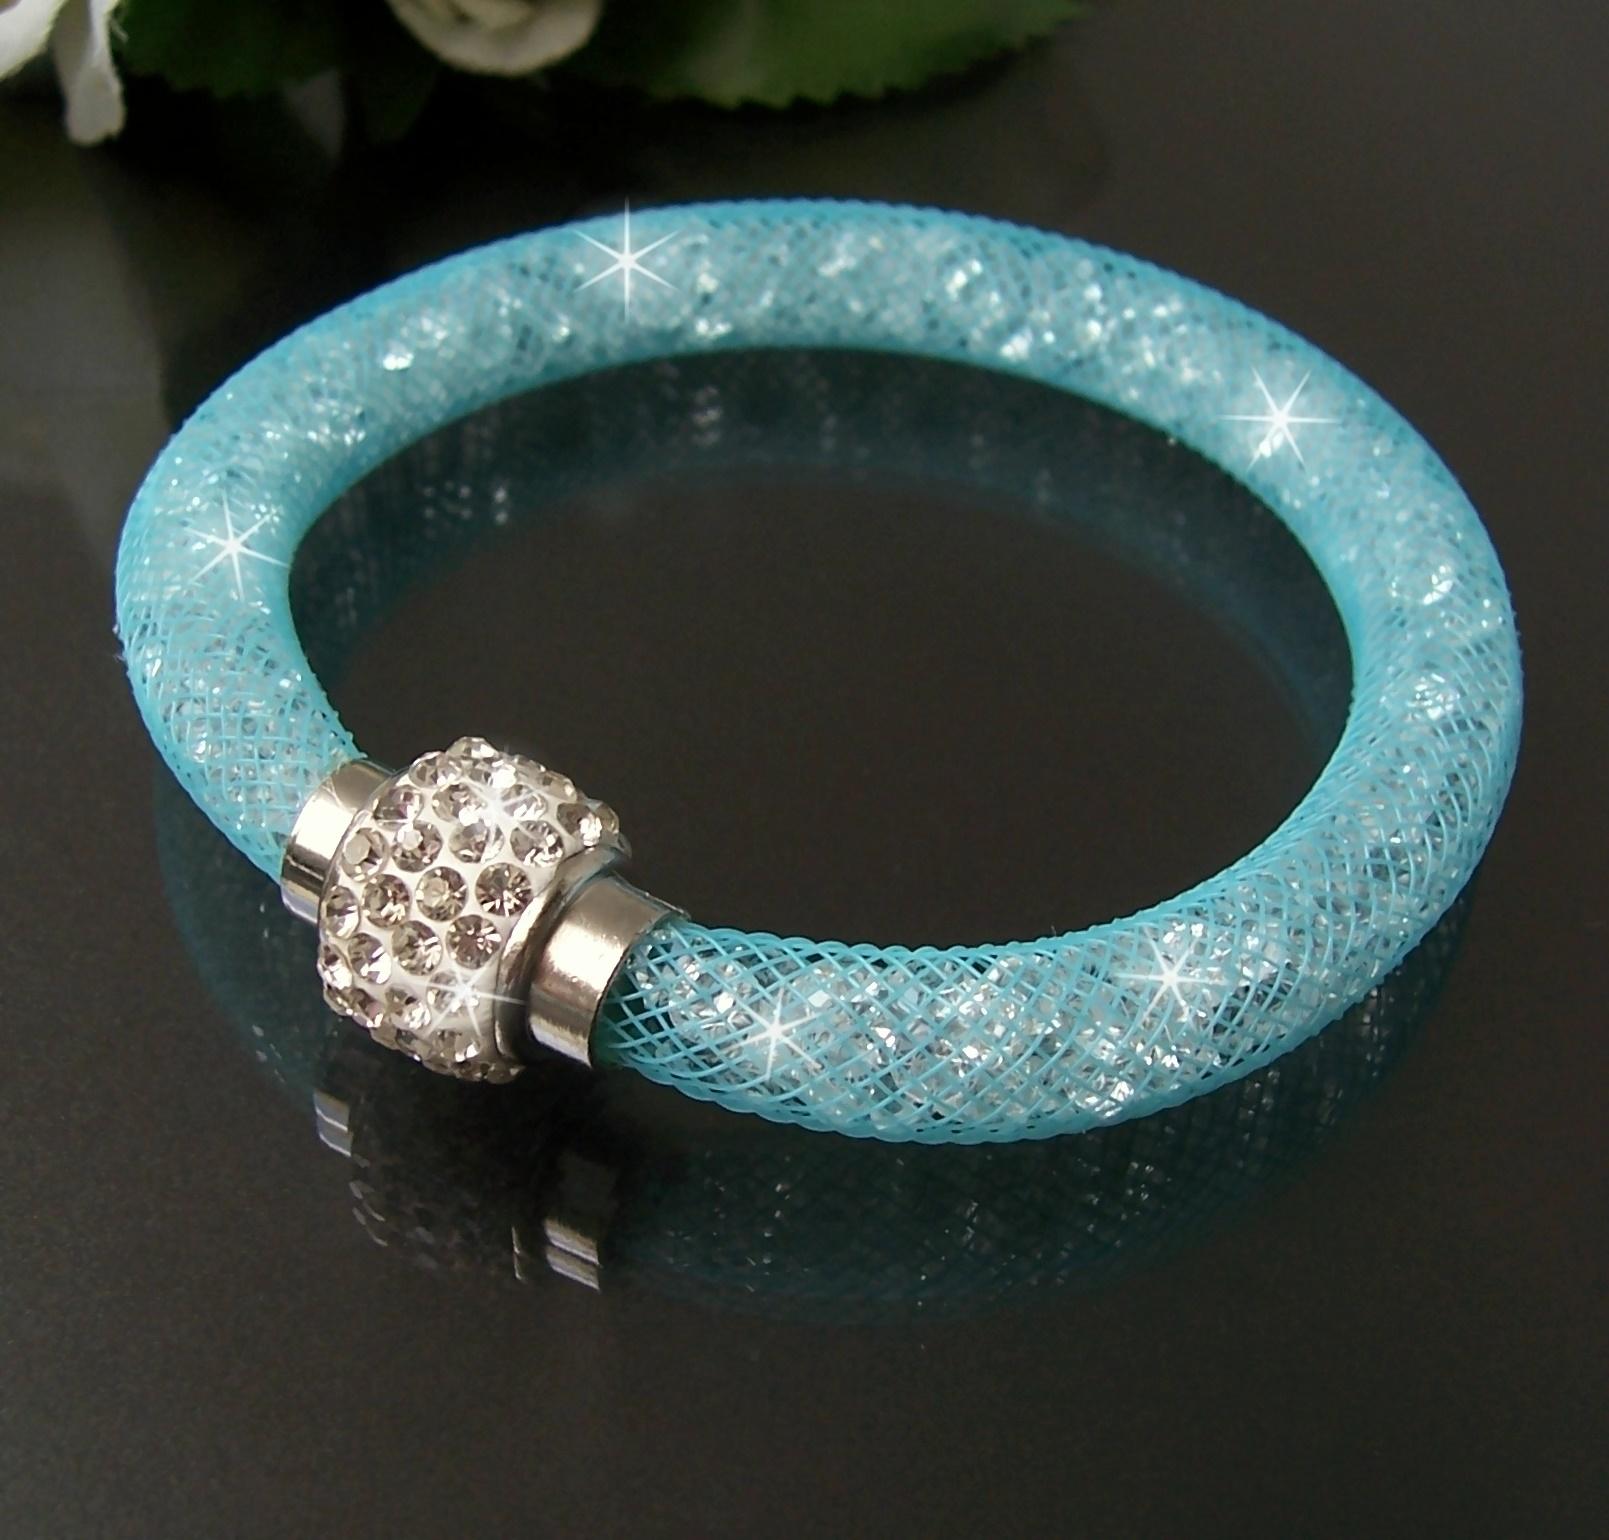 Armband Kristalle in Nylonnetzschlauch Shamballa Star türkisblau A955